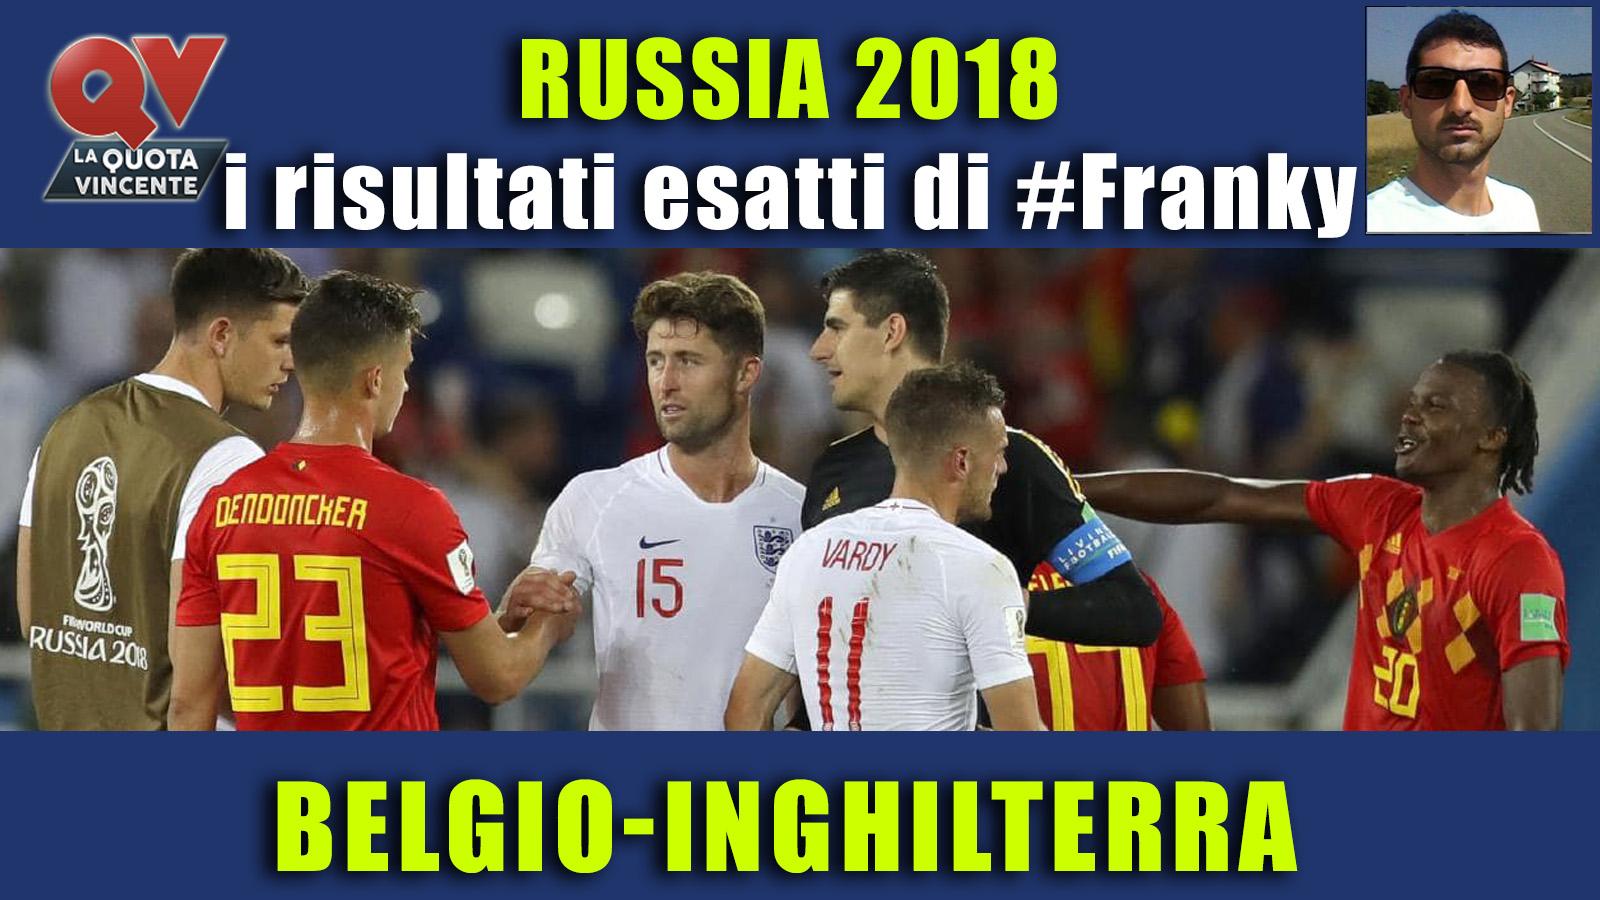 Pronostici risultati esatti Mondiali 14 luglio: le scelte di #FrankyDefa